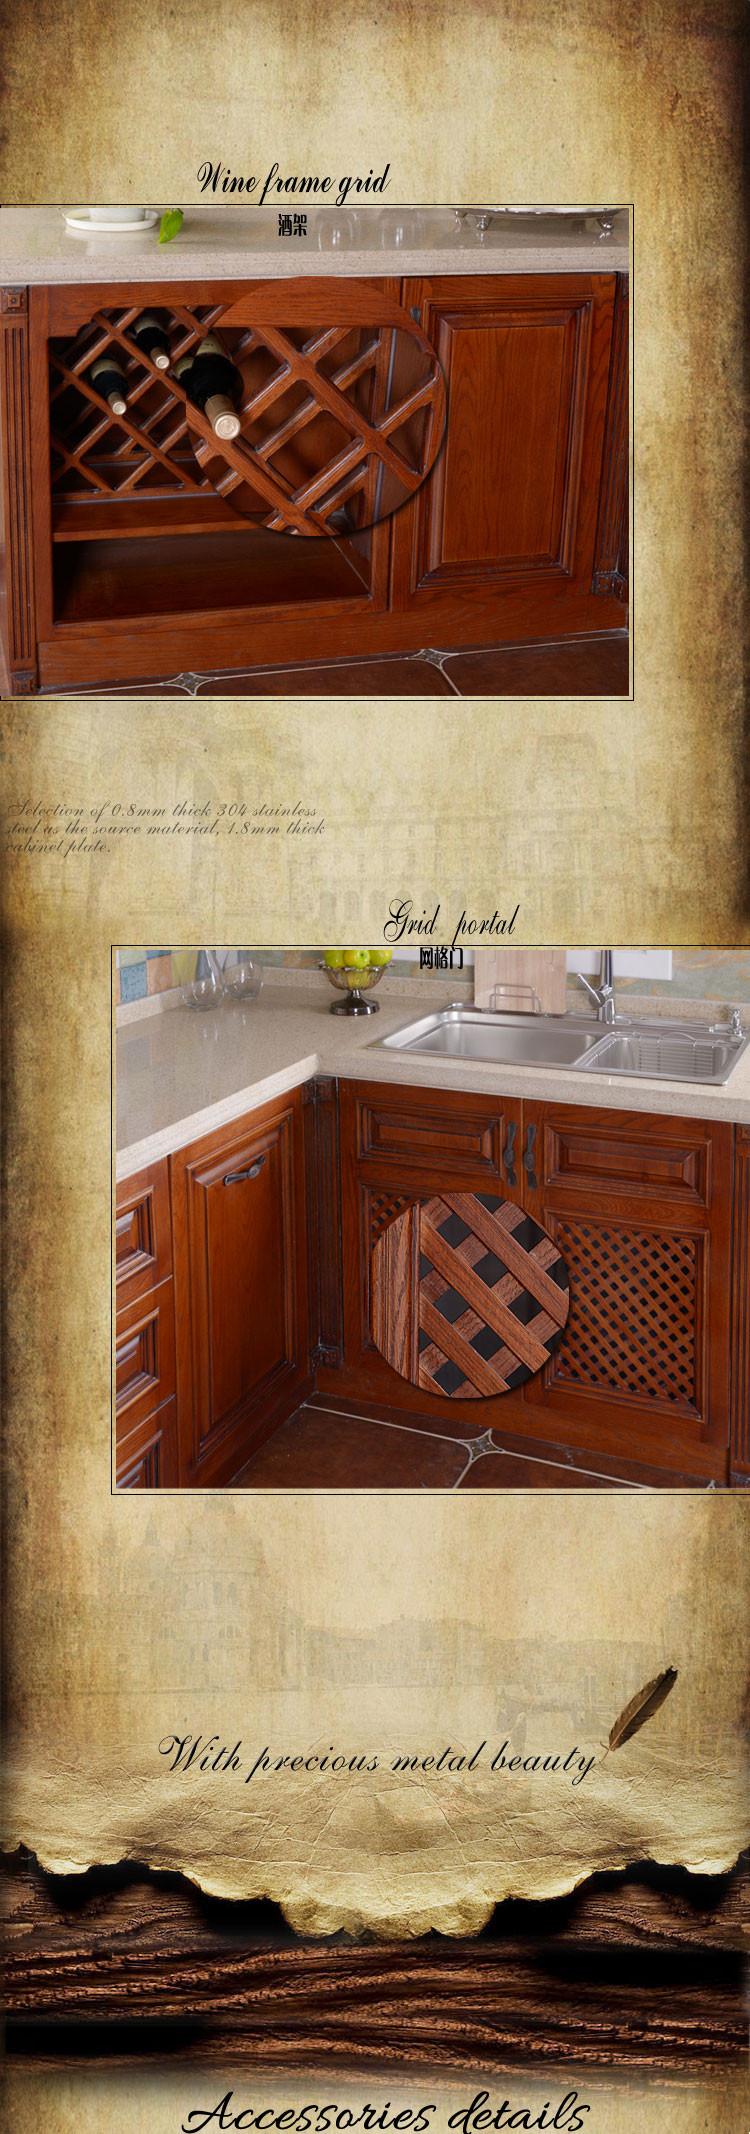 美国红橡欧式风格不锈钢整体橱柜